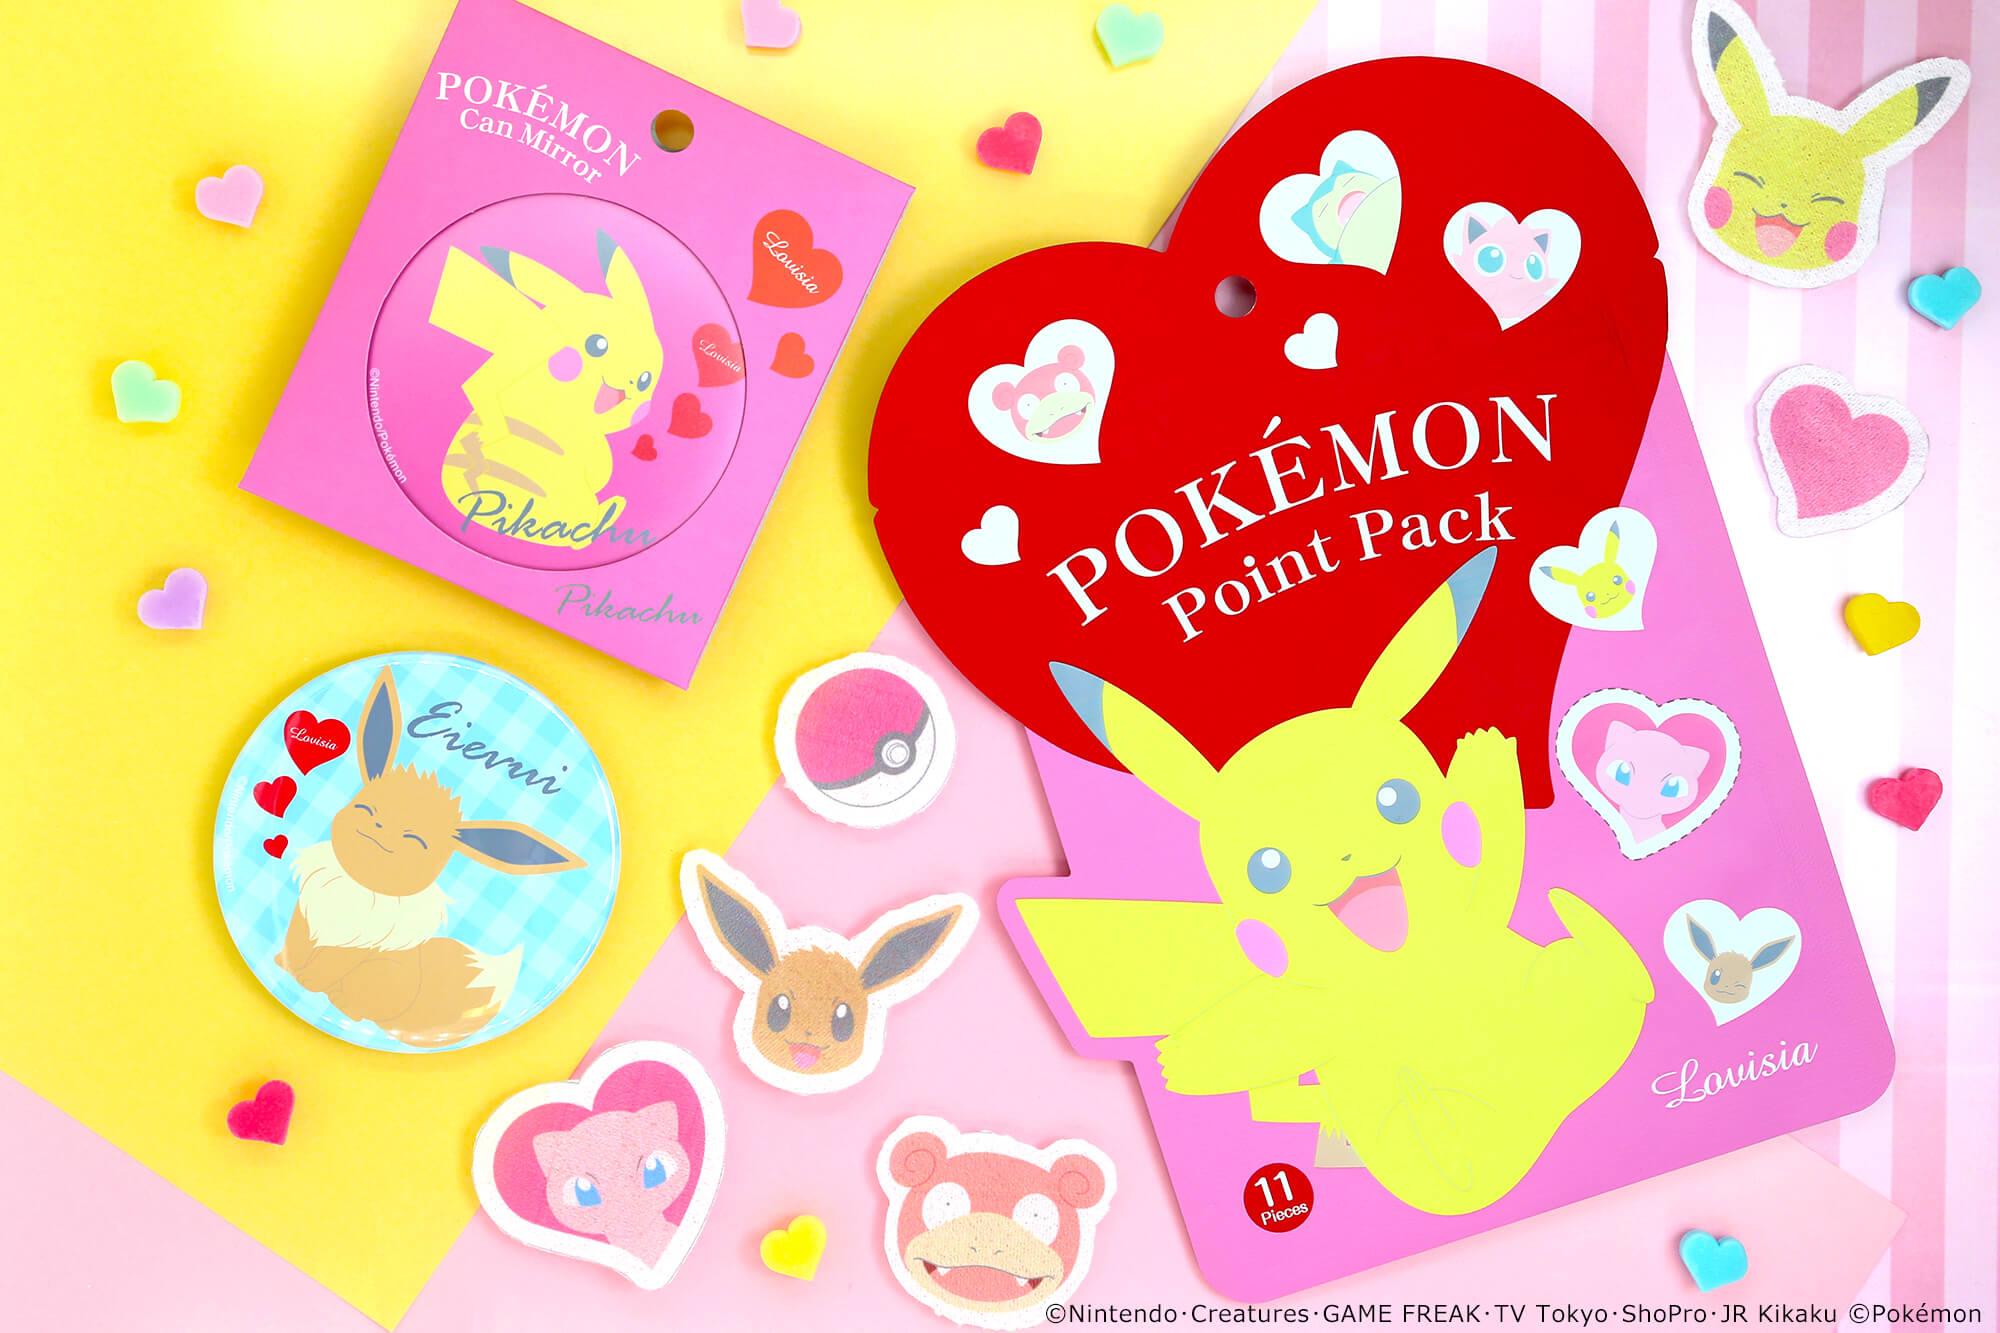 ポケモンコスメ pokemon cosmetic 精靈寶可夢_pointpack-canmirrorImage190414